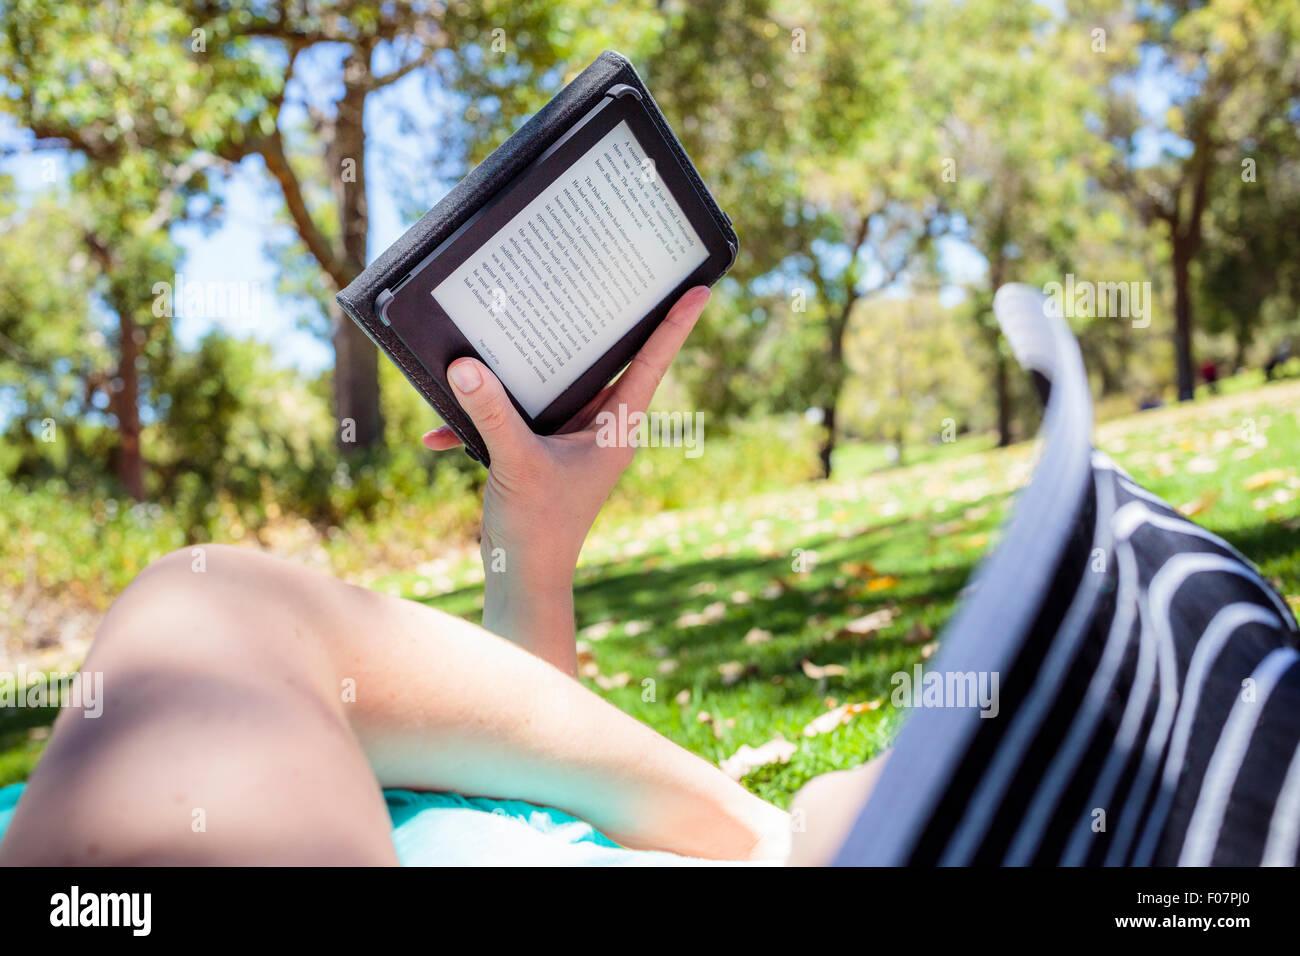 Une femme dans un parc de lire un livre sur un e-reader Photo Stock